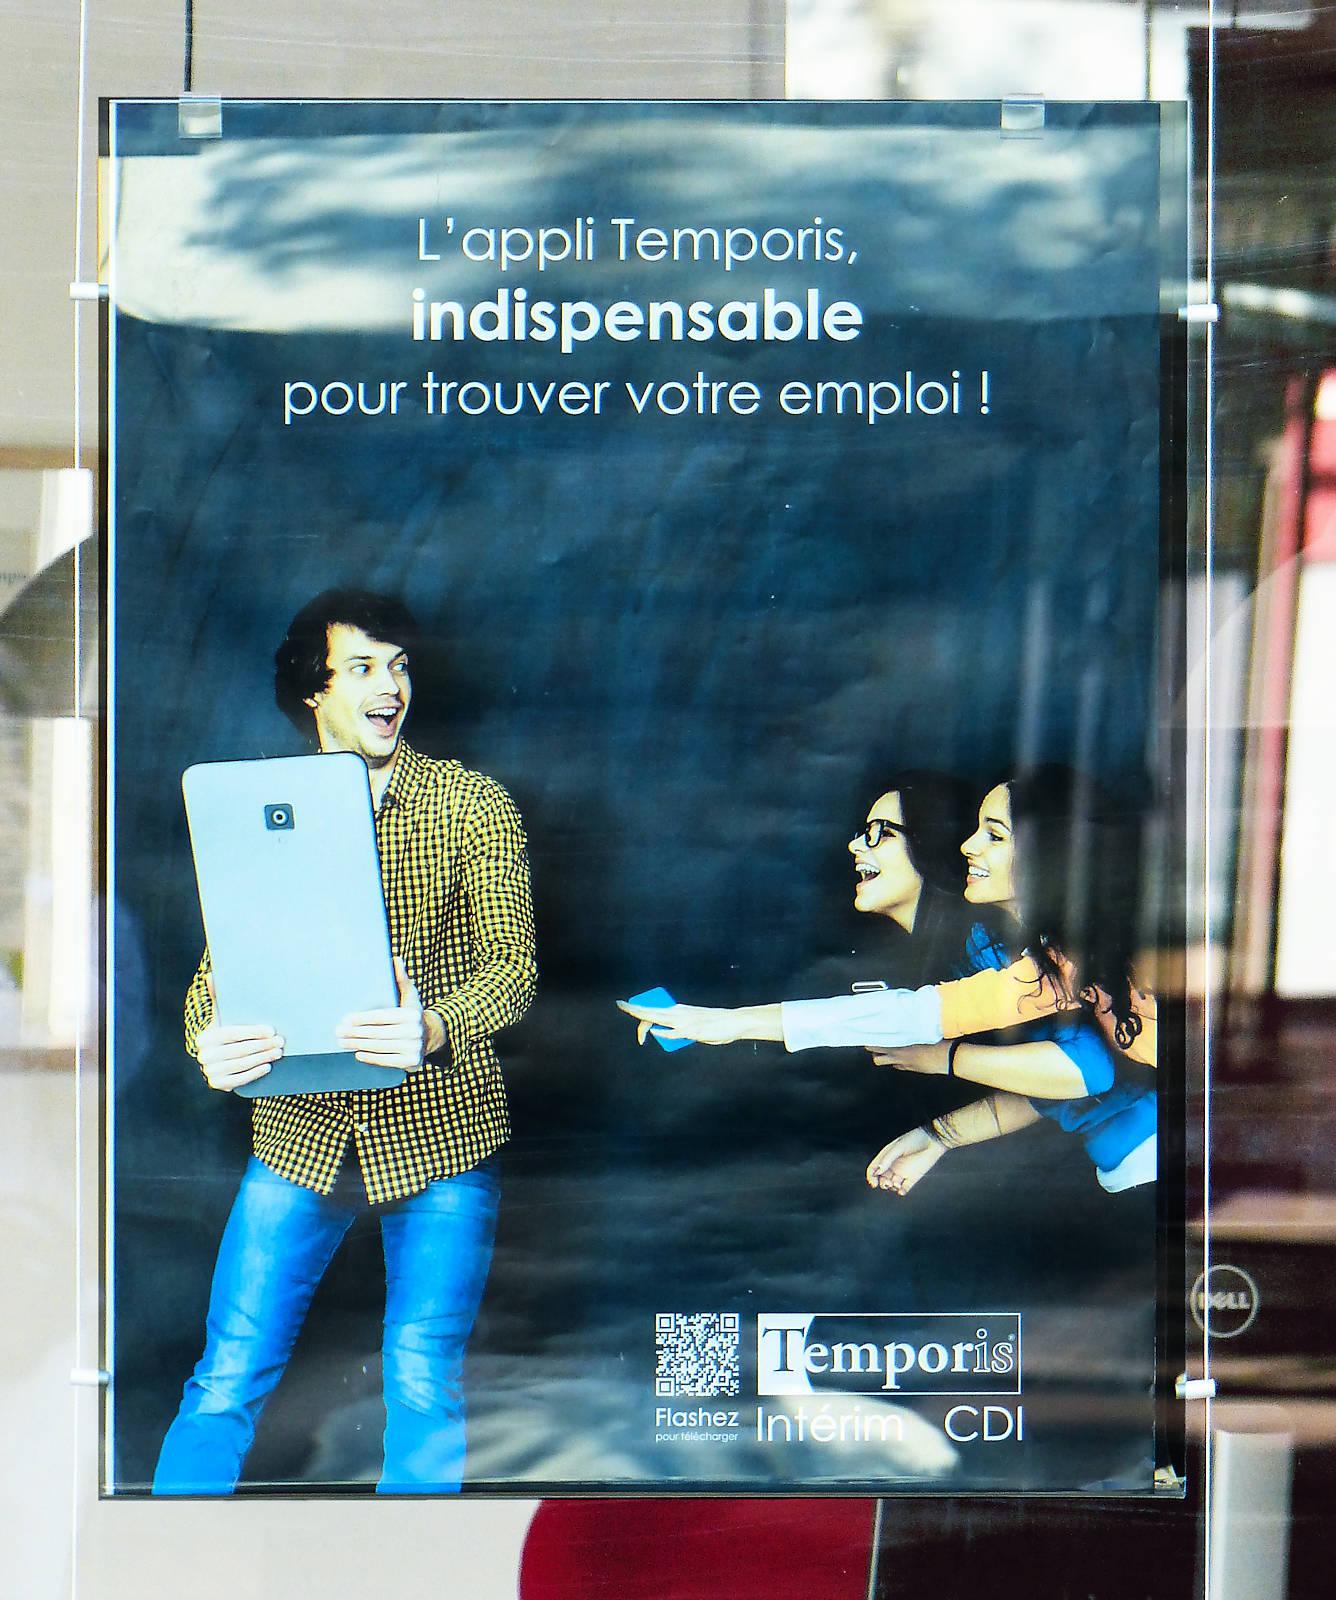 Appli Temporis - Agence Tourcoing Centre